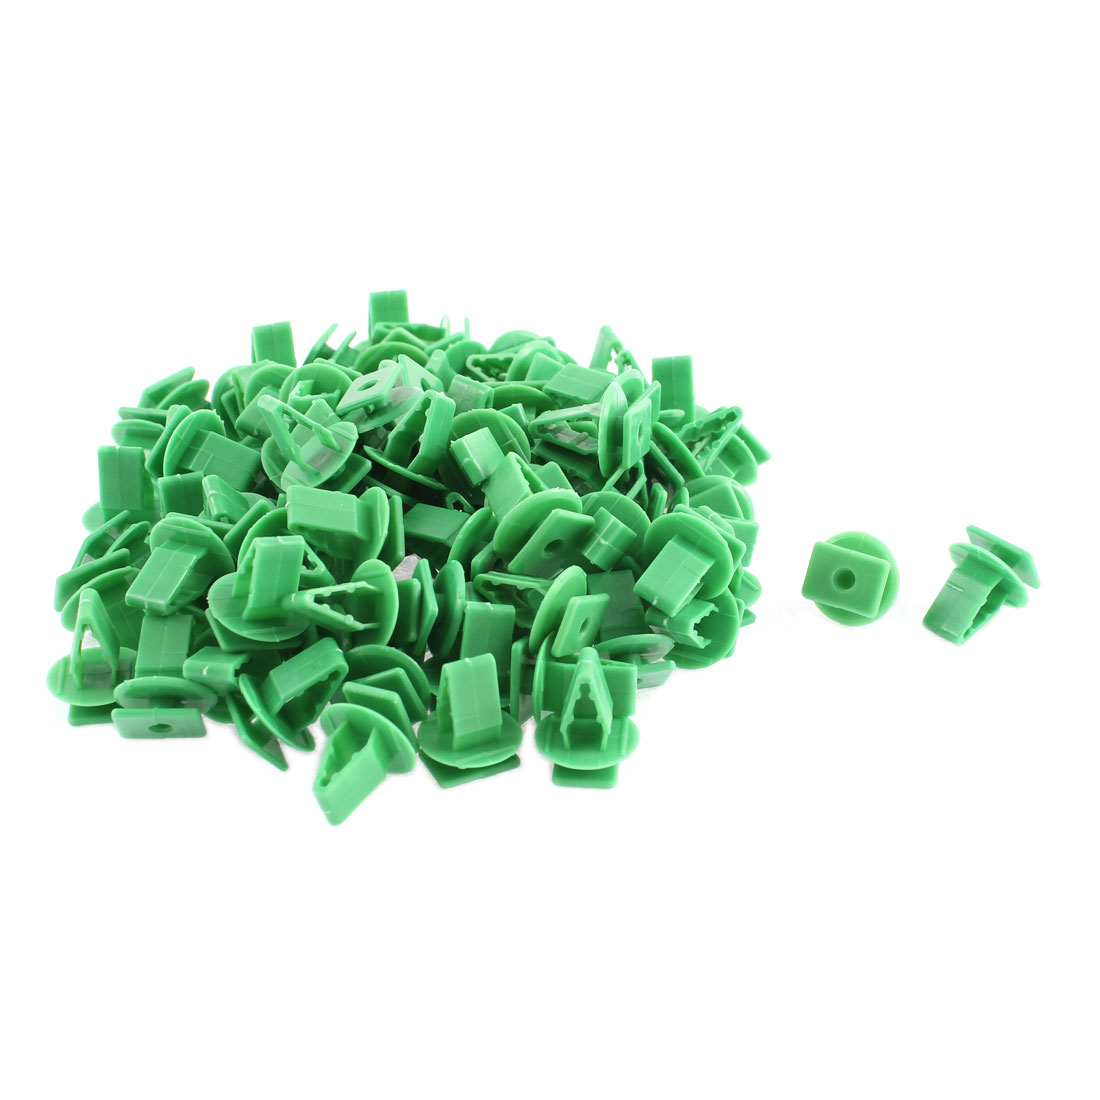 Unique Bargains 100 Pcs Green Plastic Interior Door Trim Panel Hood Rivet for Honda